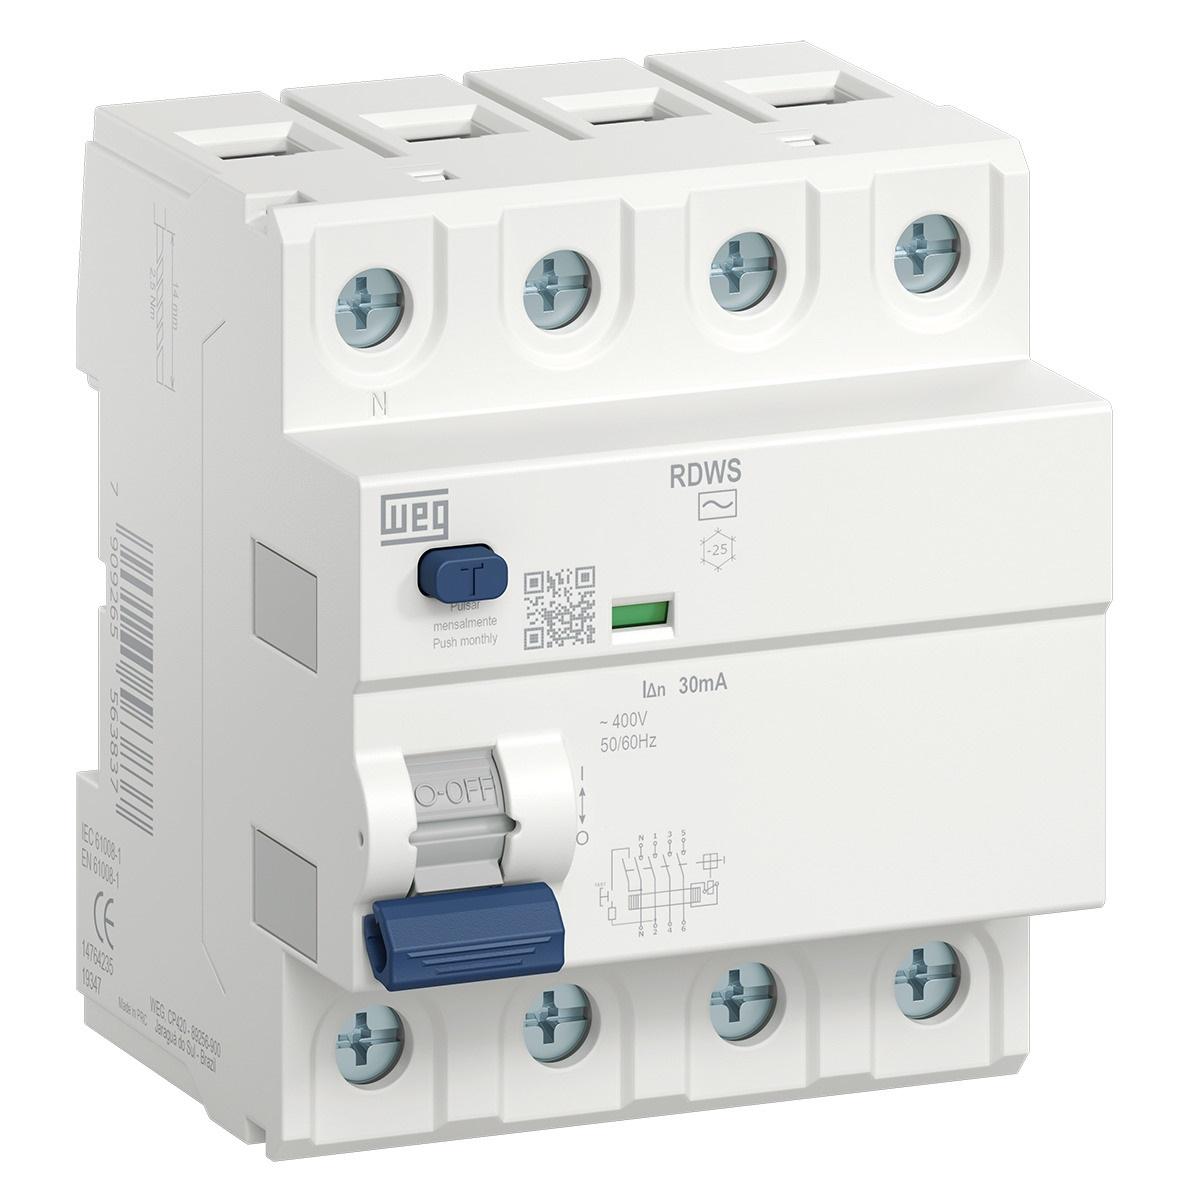 Interruptor Diferencial Residual RDWS-Ac-30-25-4 (entrega em 5 dias)